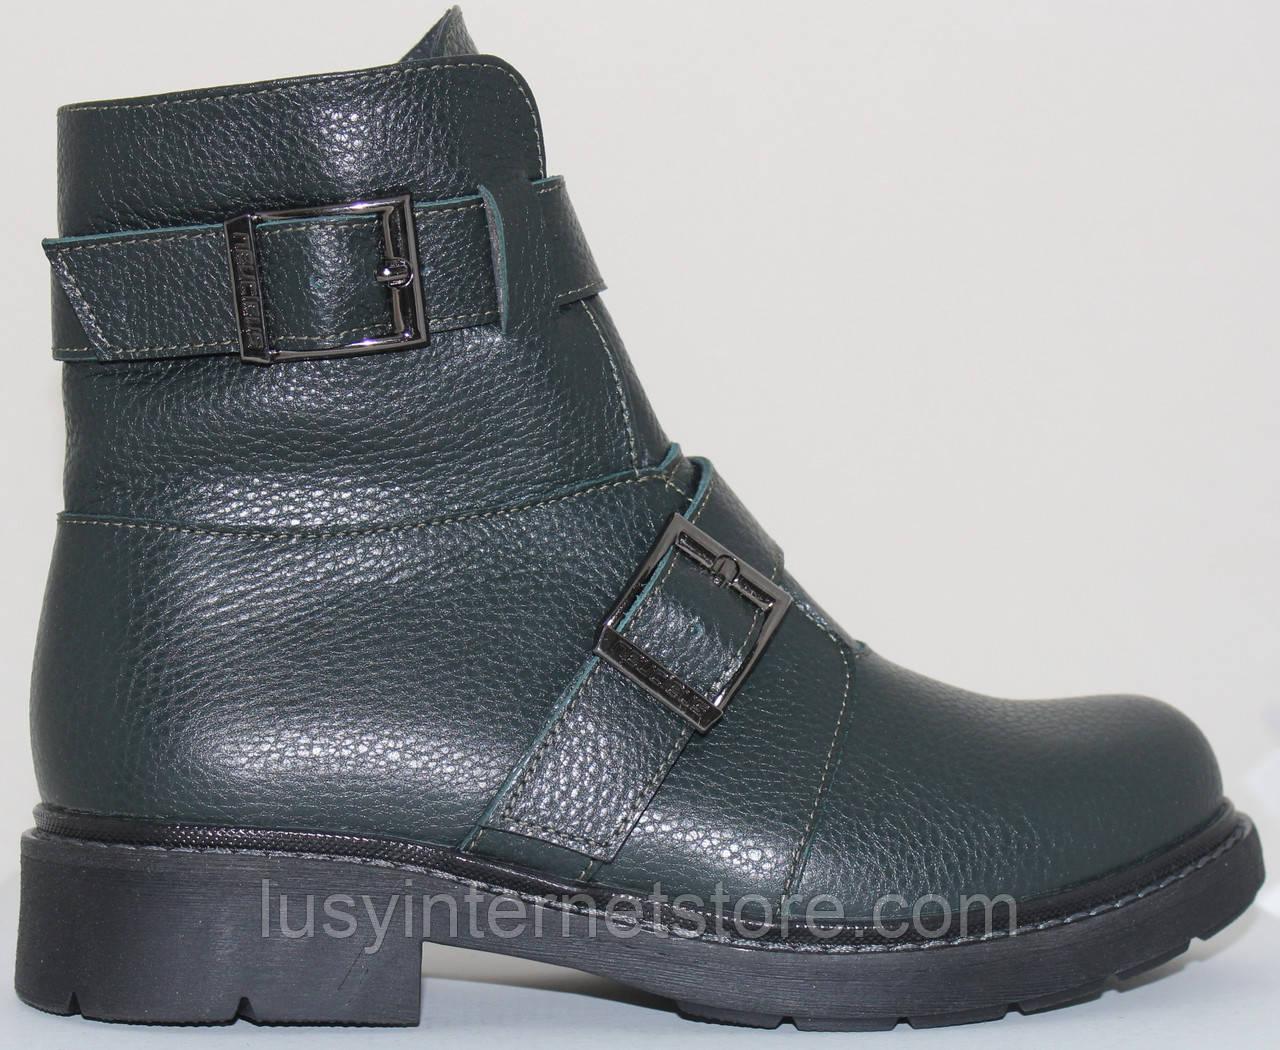 Ботинки женские зимние кожаные на низком каблуке от производителя модель СВ956